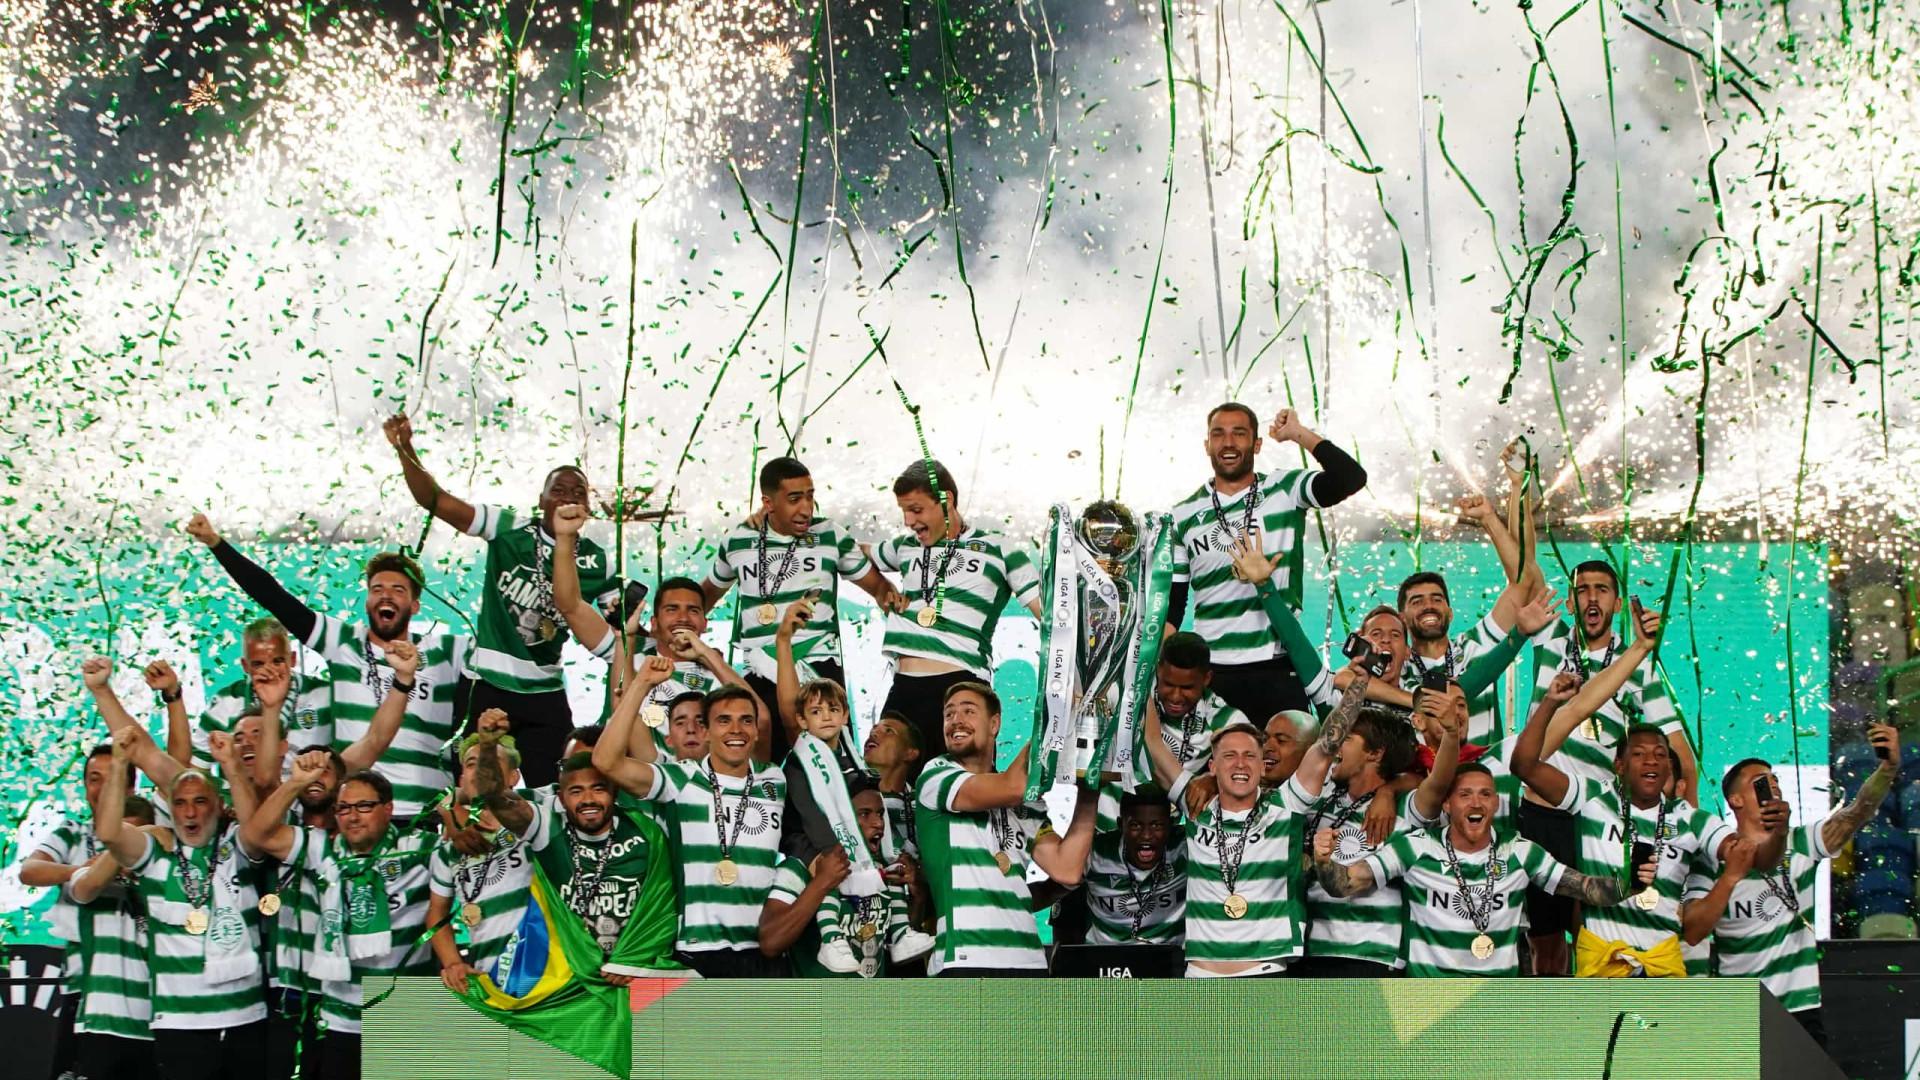 Sporting E Candidato A Recuperar A Hegemonia No Futebol Portugues